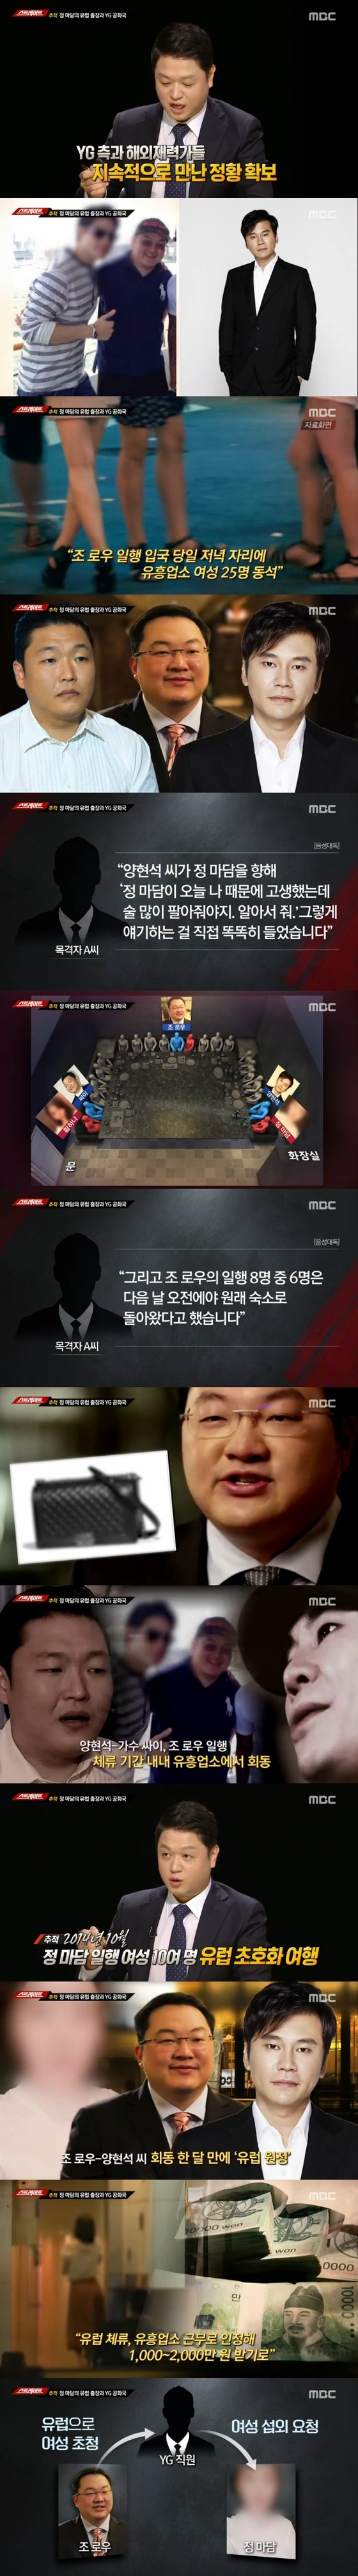 """'스트레이트', YG·조로우·정마담 '성접대 의혹' 또 다뤘다…""""사업 목적"""" 주장(종합)"""